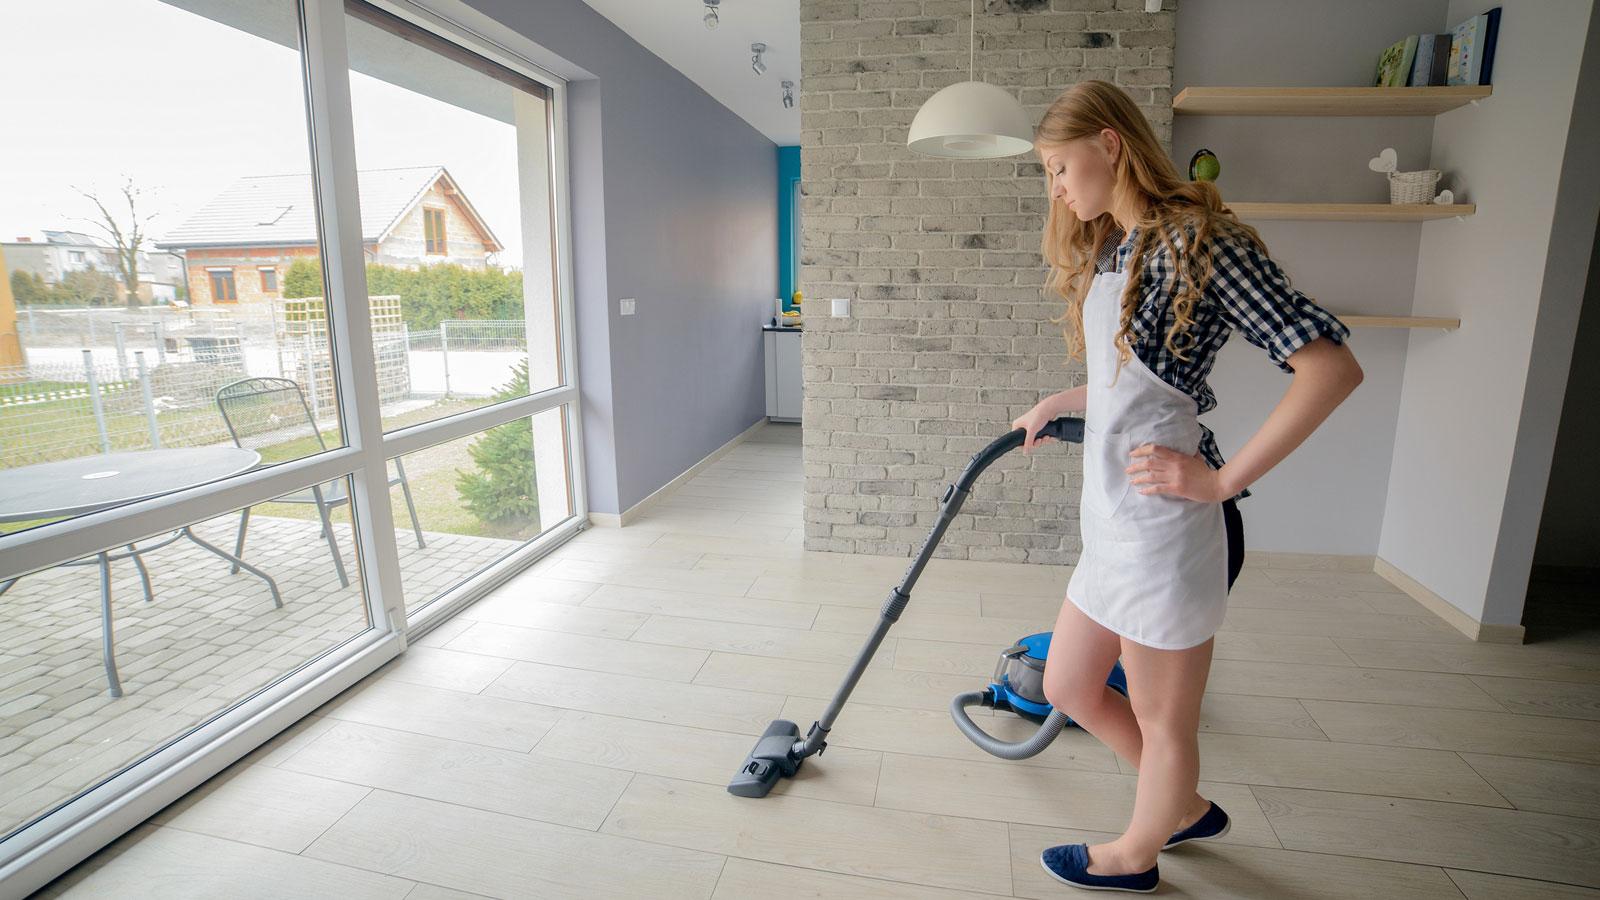 Für die Hausarbeit muss der Staubsauger funktionieren